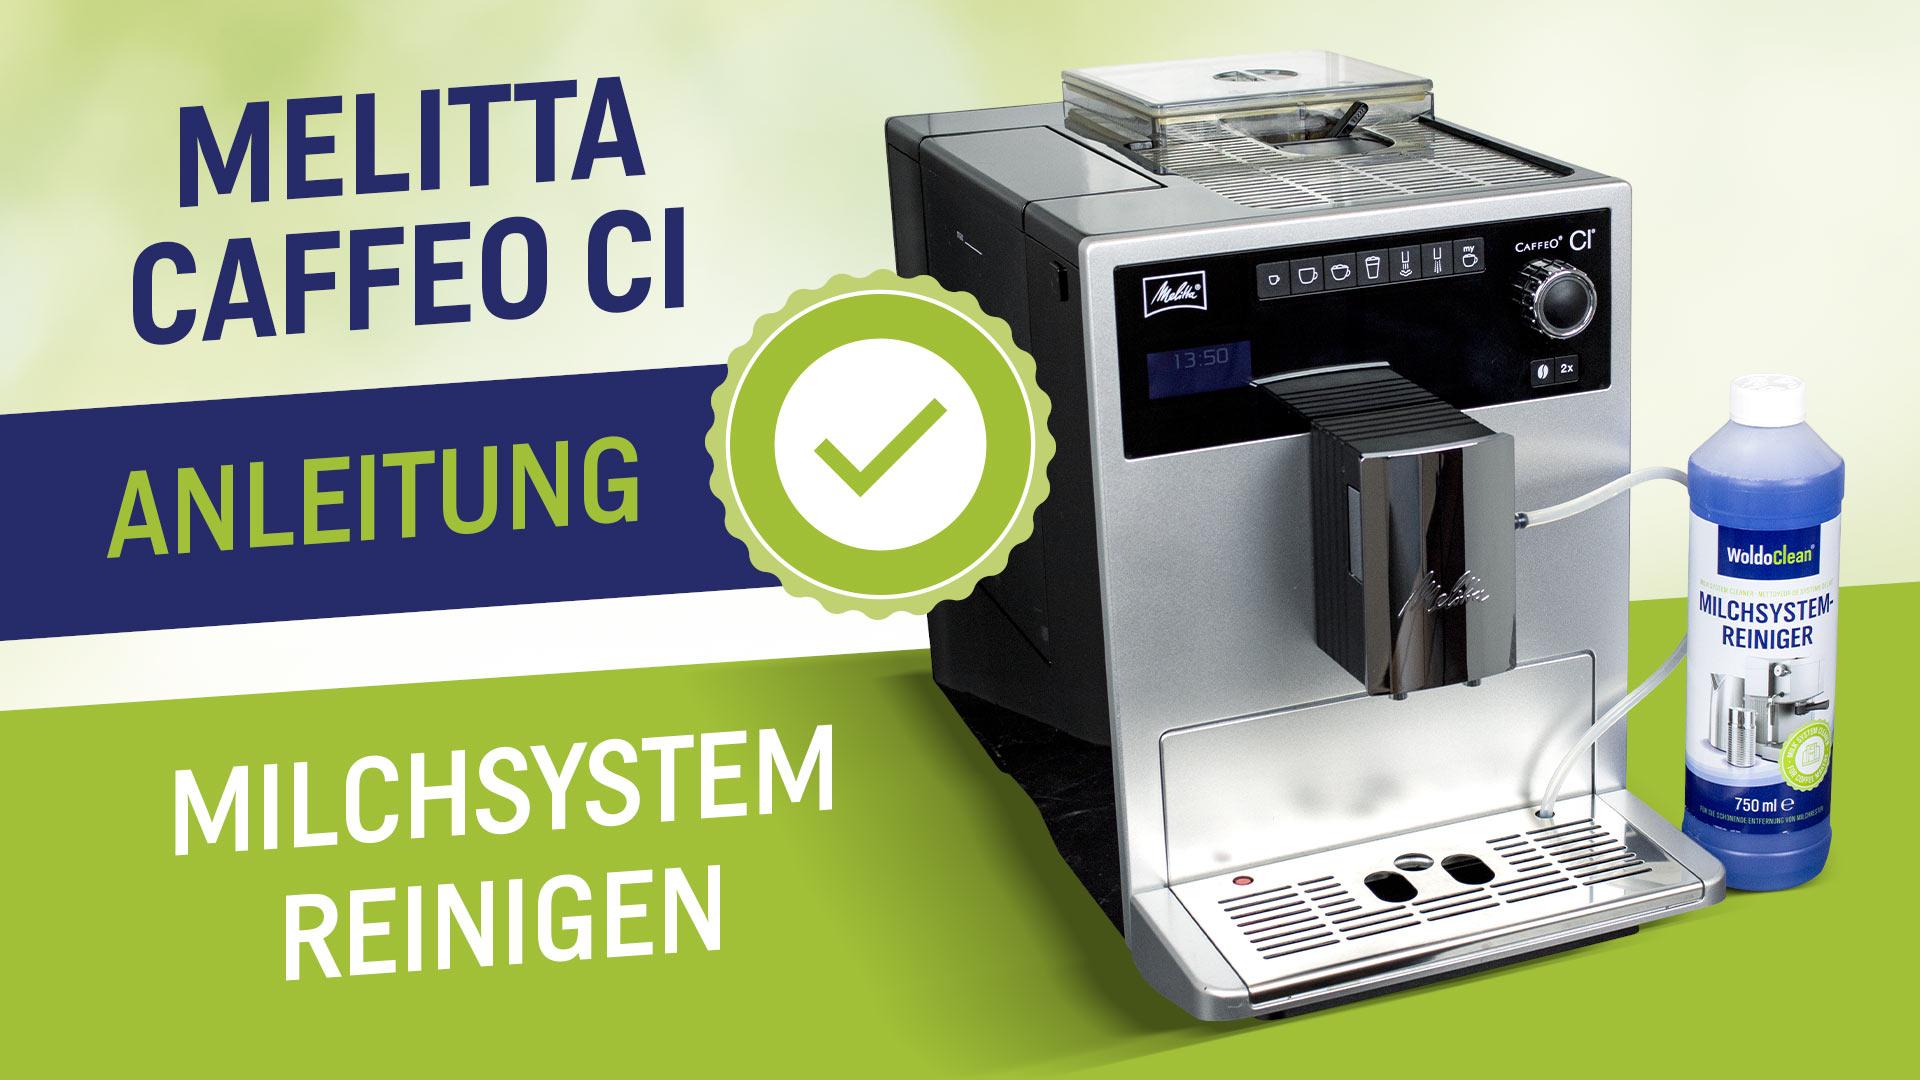 Mléčný systém Melitta čistý Kávovar Caffeo